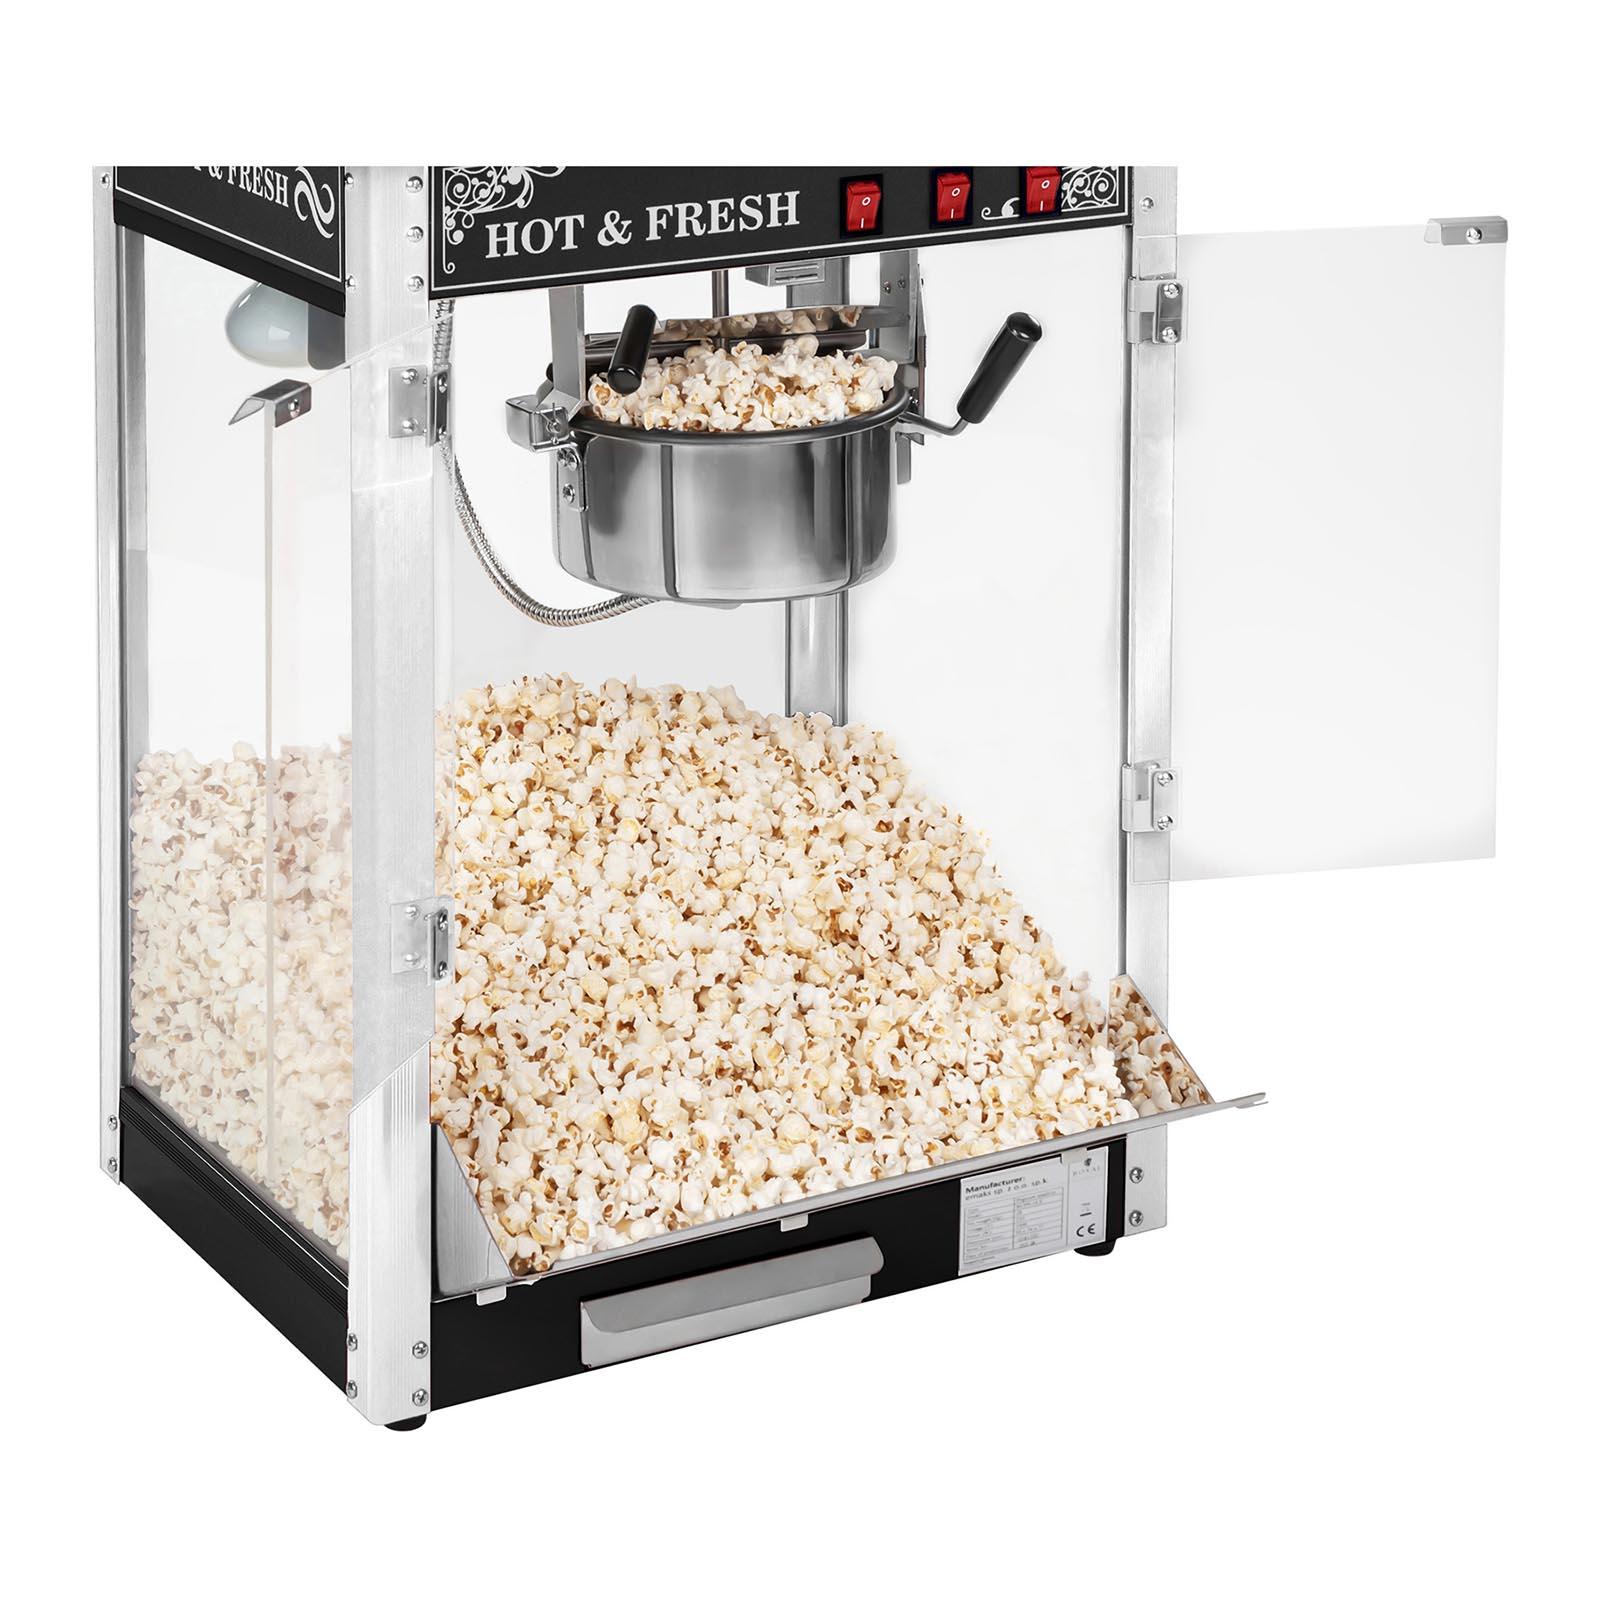 Amerikanische Retro Kuchengerate Popcornmaschine Popcornautomat